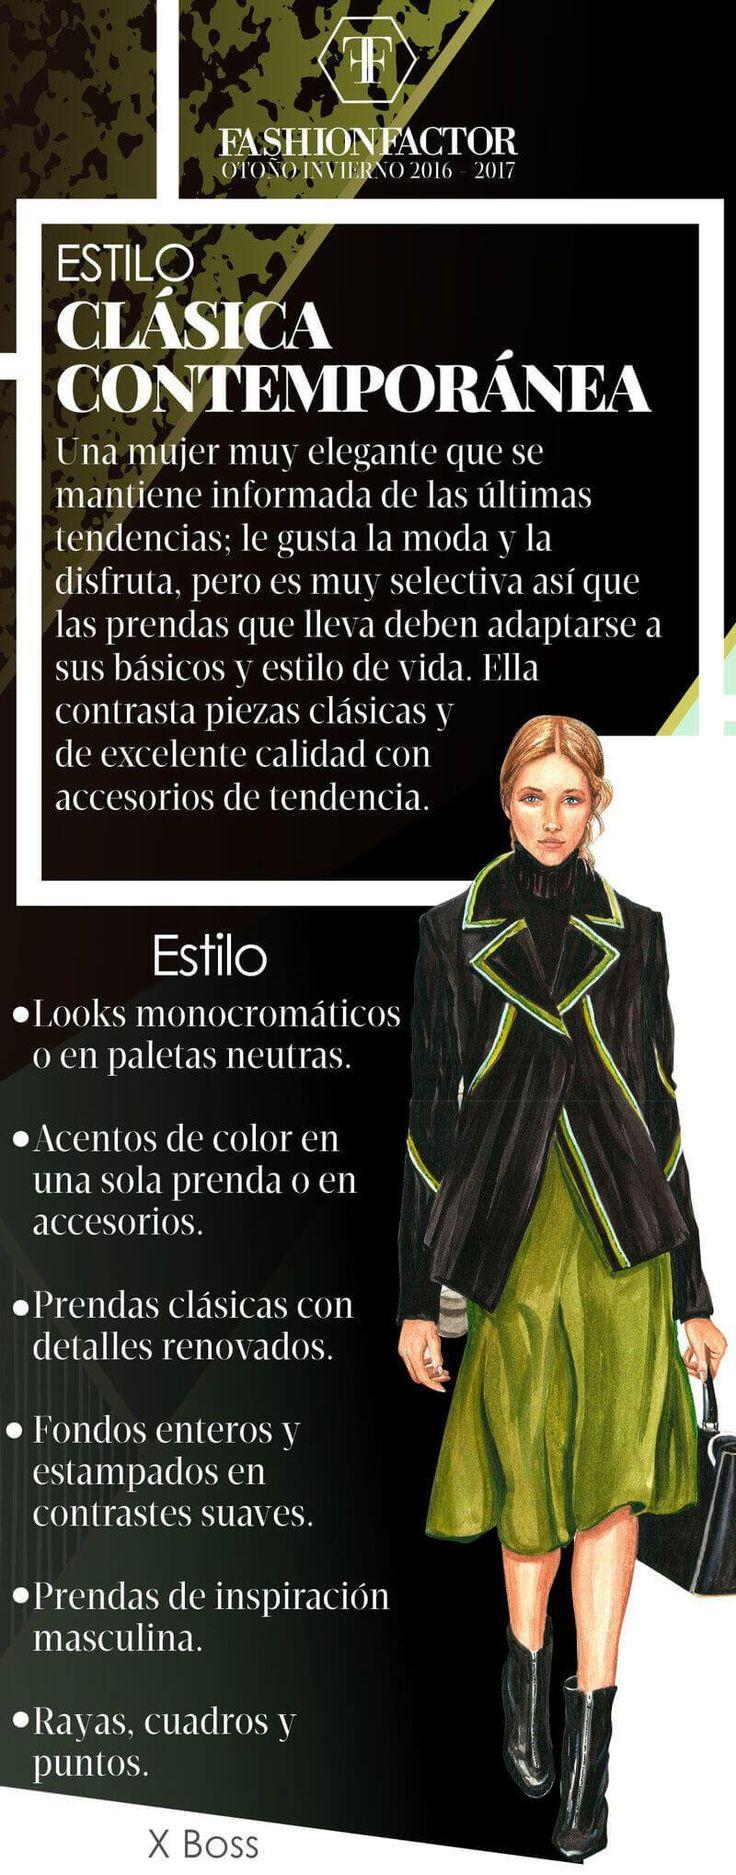 La mujer Clásica Contemporánea es una mezcla entre lo tradicional y la innovación. En Fashion Factor te enseñamos como llevar este estilo.